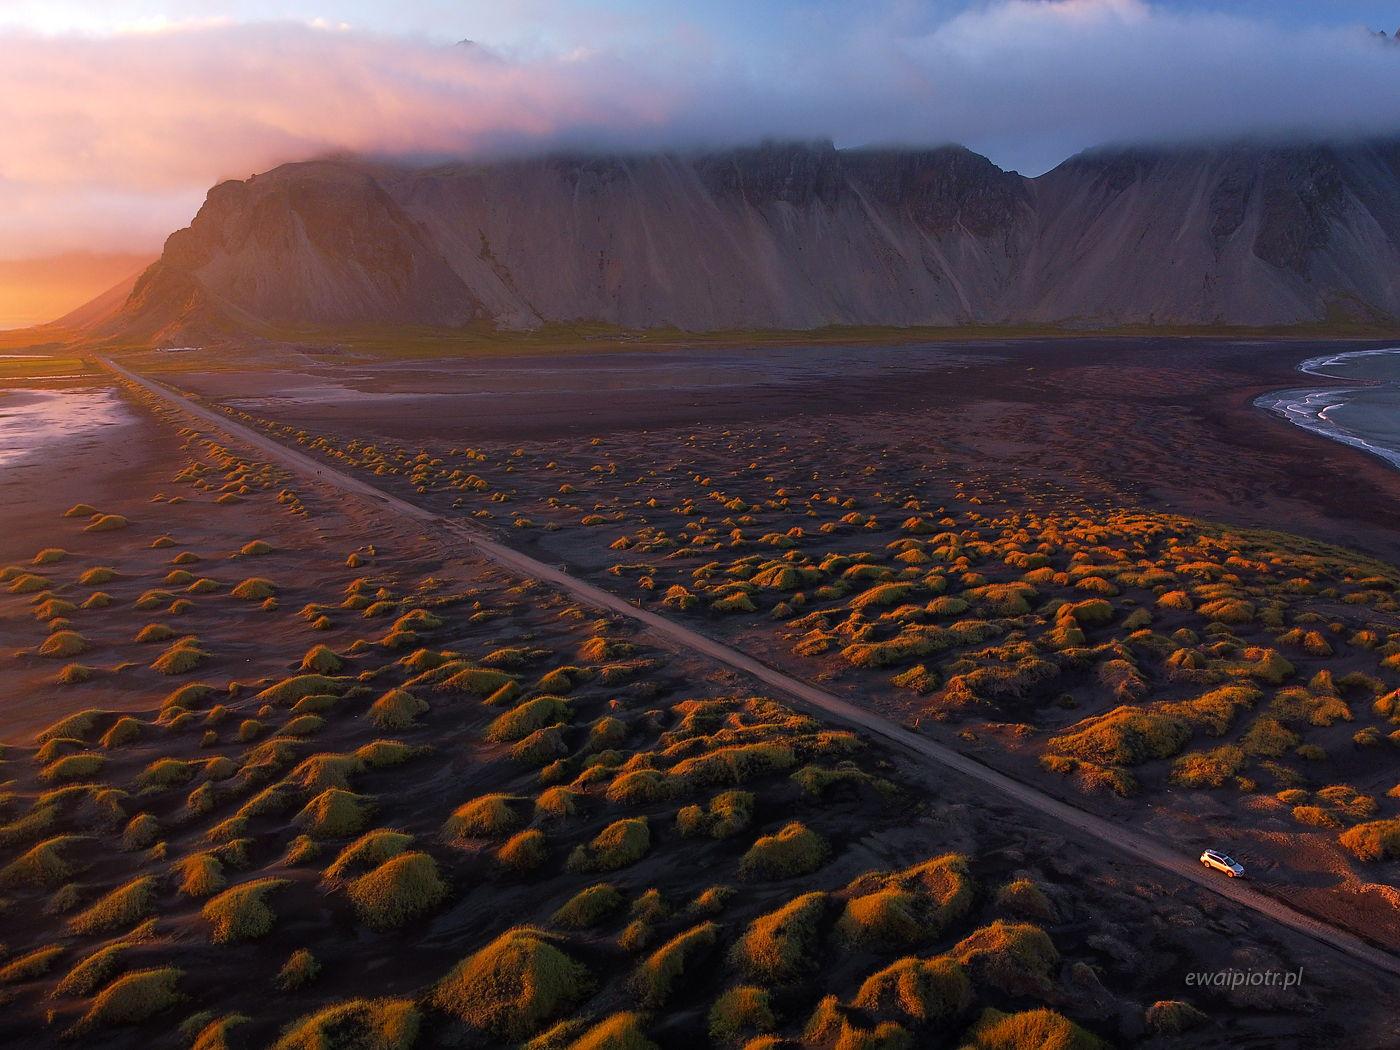 Stokksnes o zachodzie, Islandia, z drona